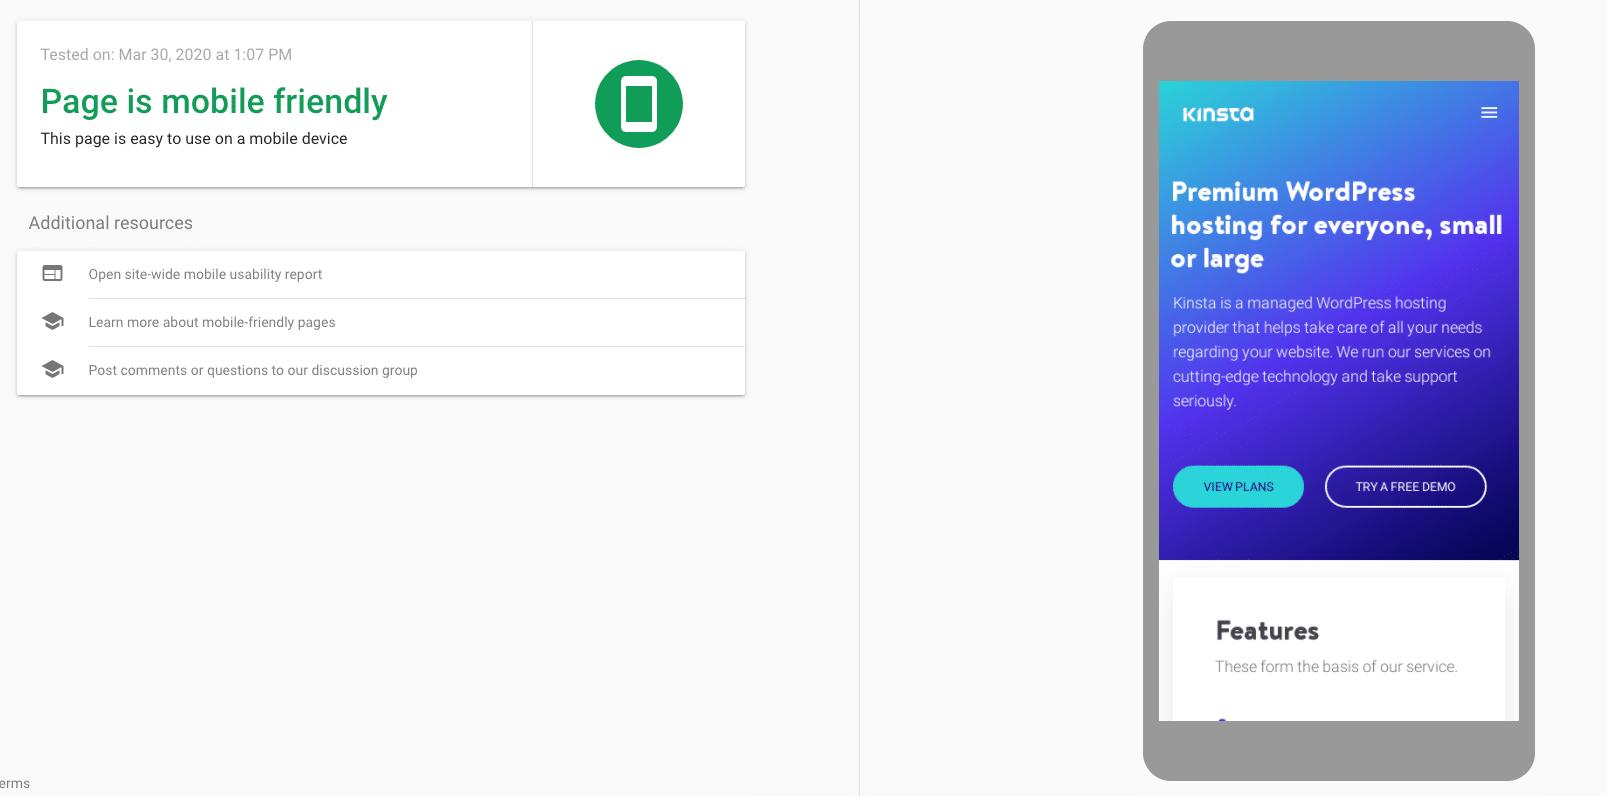 Die Kinsta-Webseite im Google-Test zur Handyfreundlichkeit.